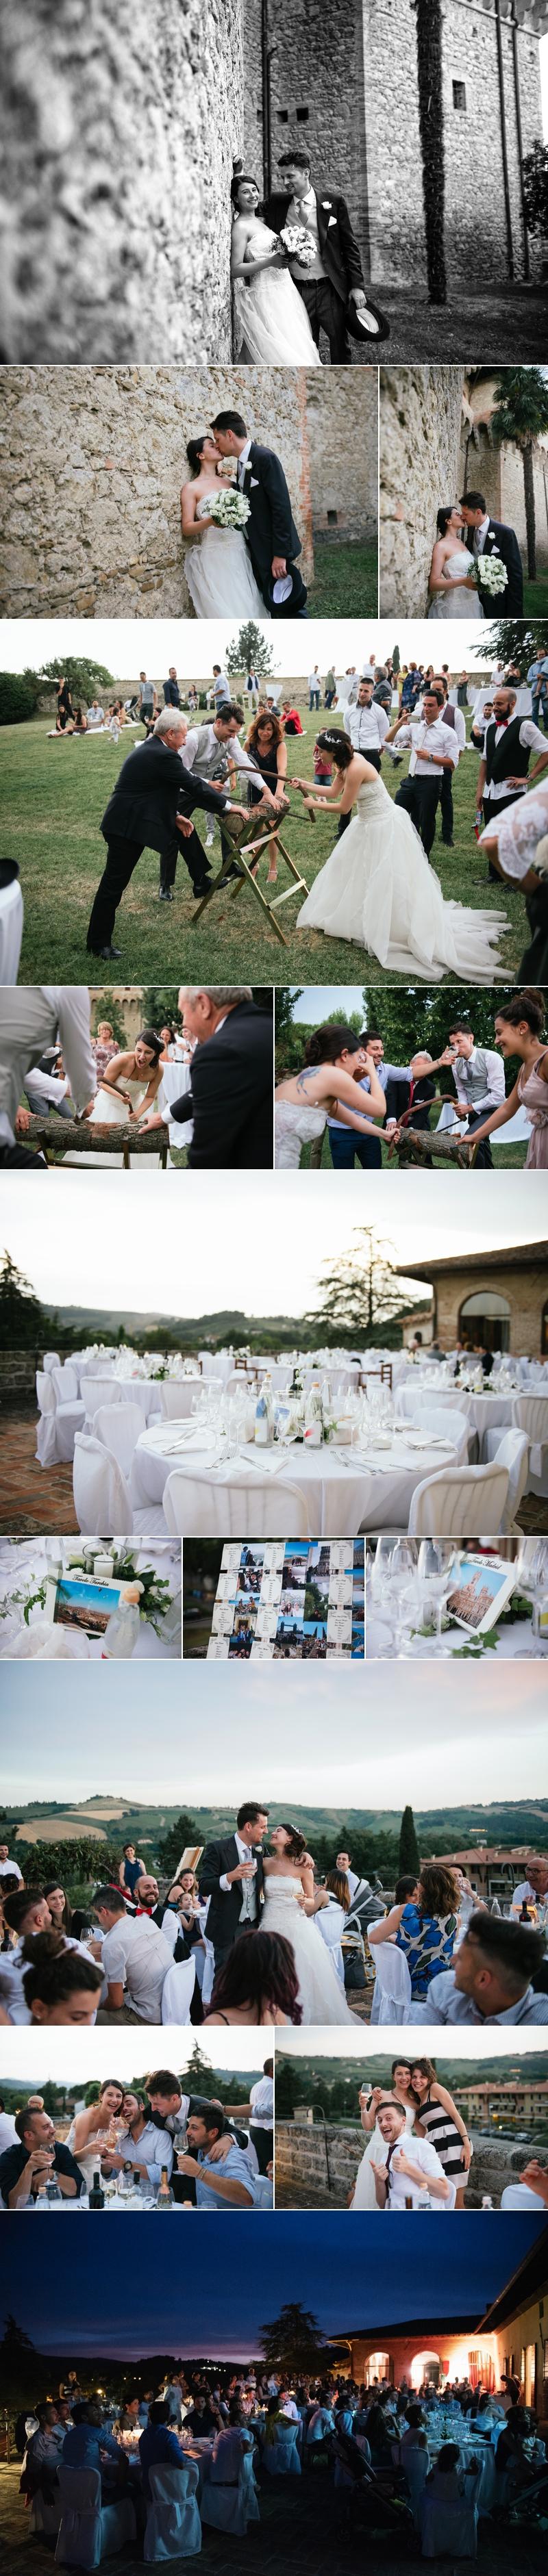 fotografo-matrimonio-castello-capitano-artiglierie-chateau-terra-del-sole-6